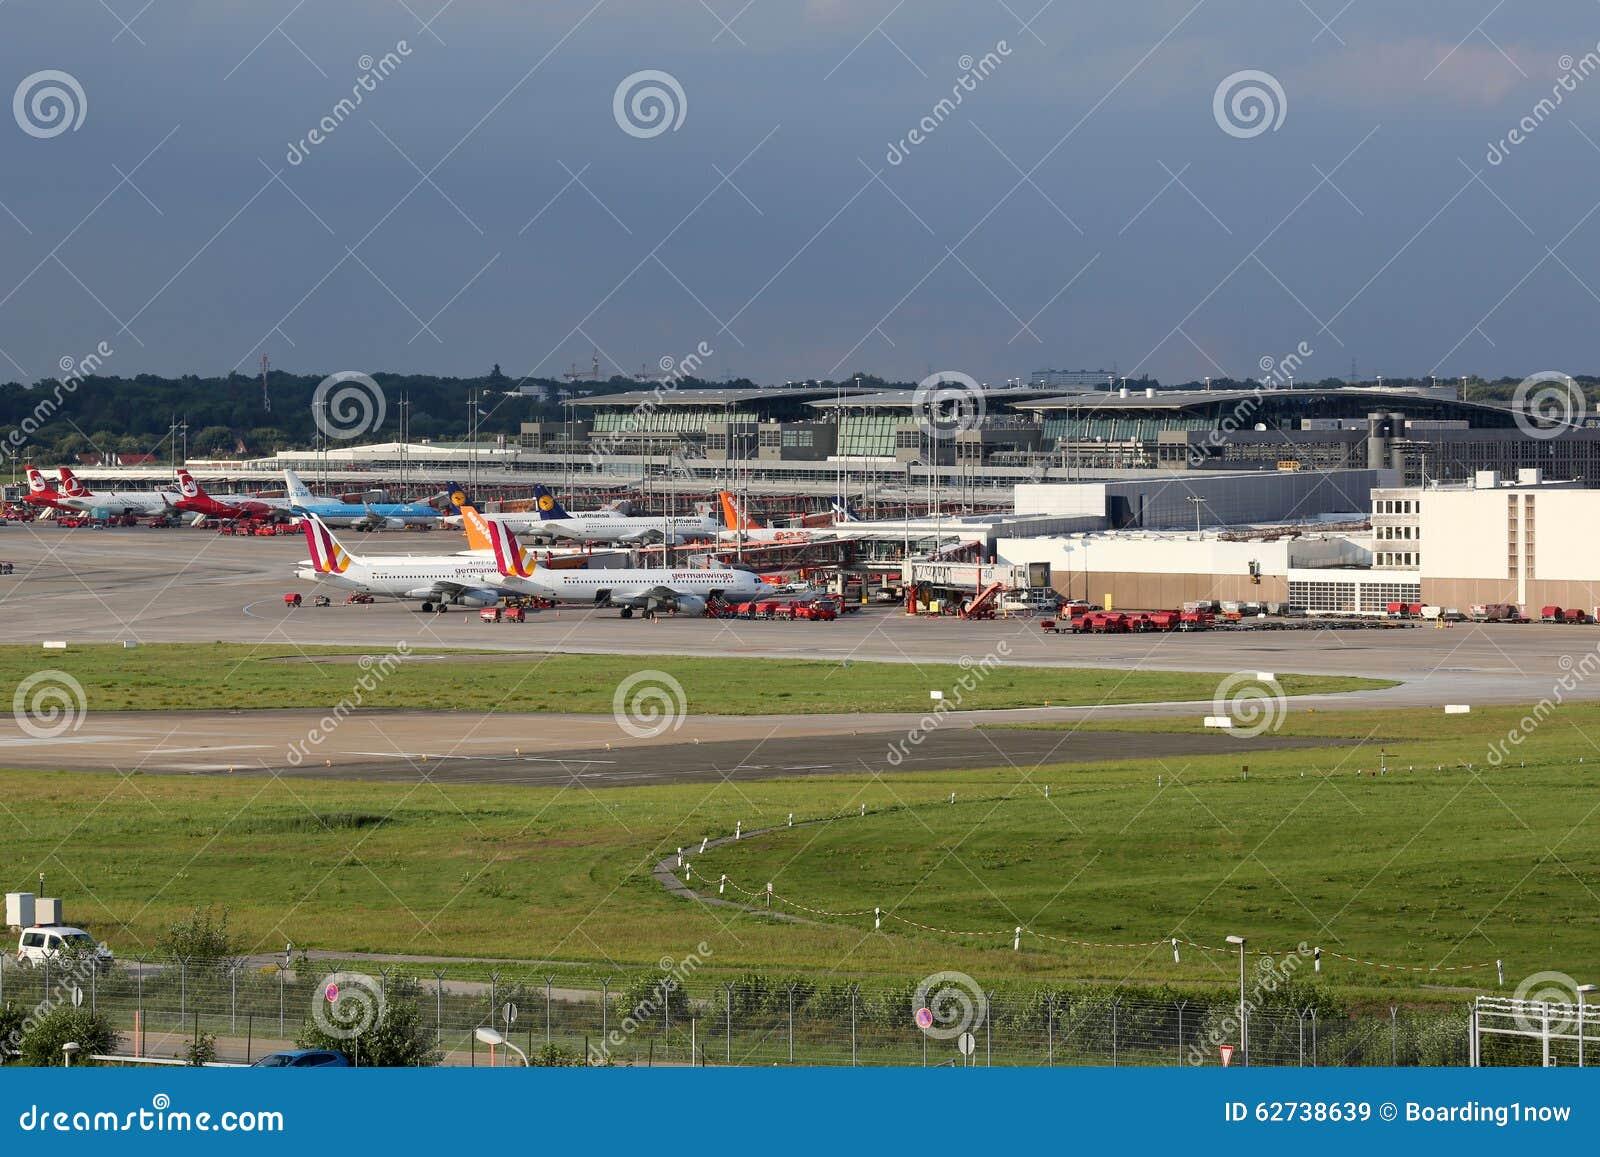 Aeroporto Germania : Aeroporto di amburgo immagine stock editoriale